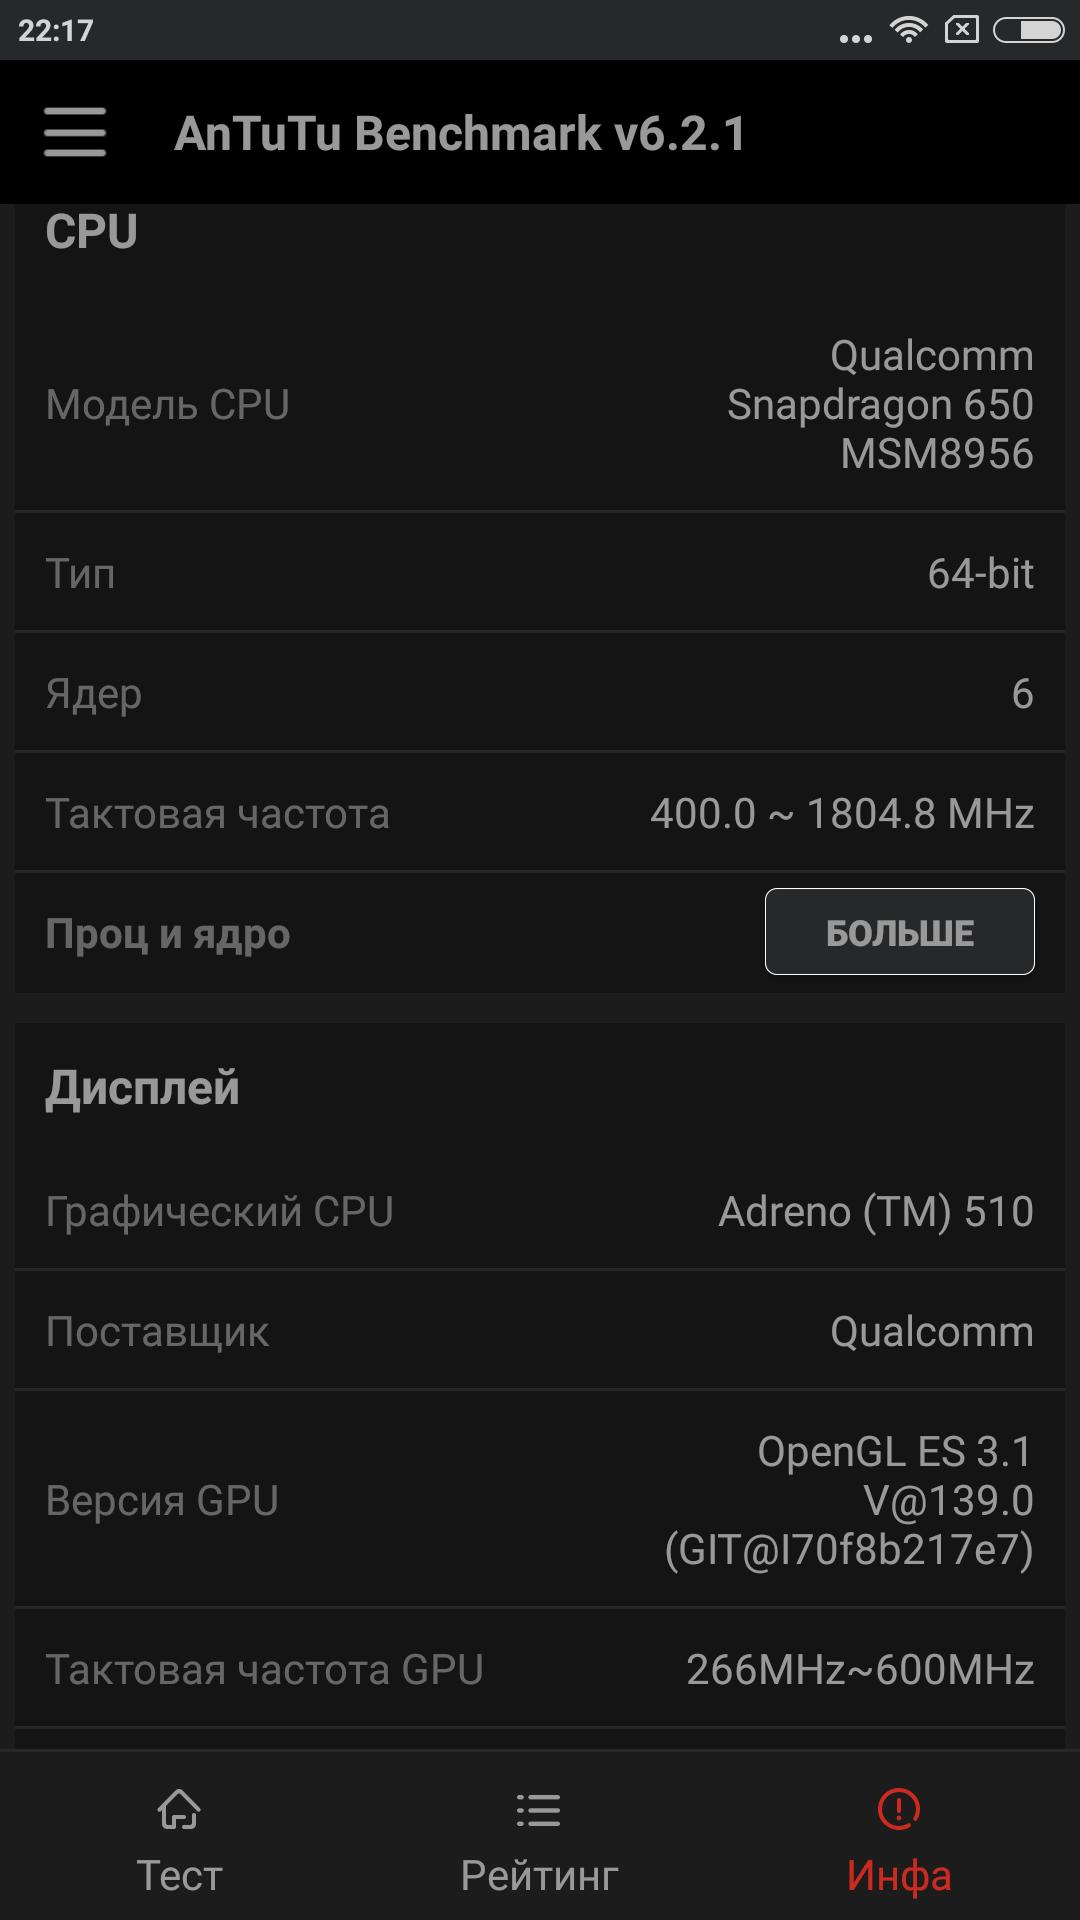 Banggood: Xiaomi Redmi Note 3 Pro - обзор, прошивка